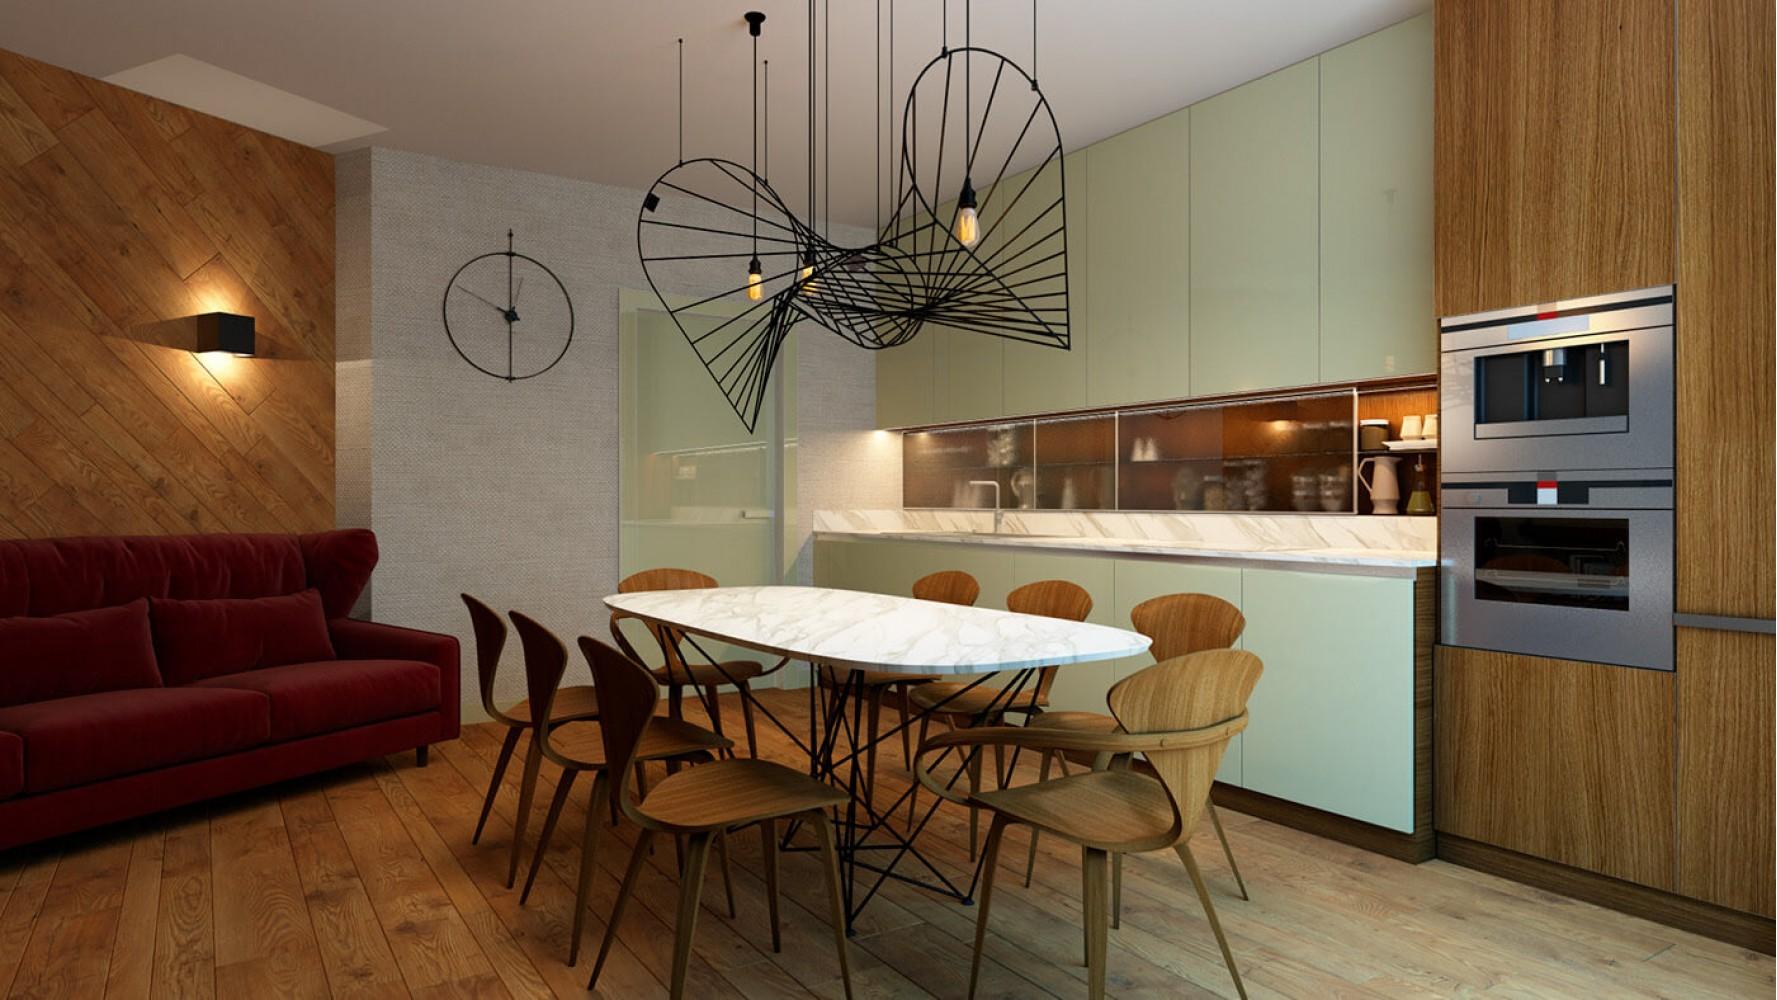 Кухня-гостиная — Дизайн-проект 3-комнатной квартиры, 68 м.кв —  Надежда Власенко